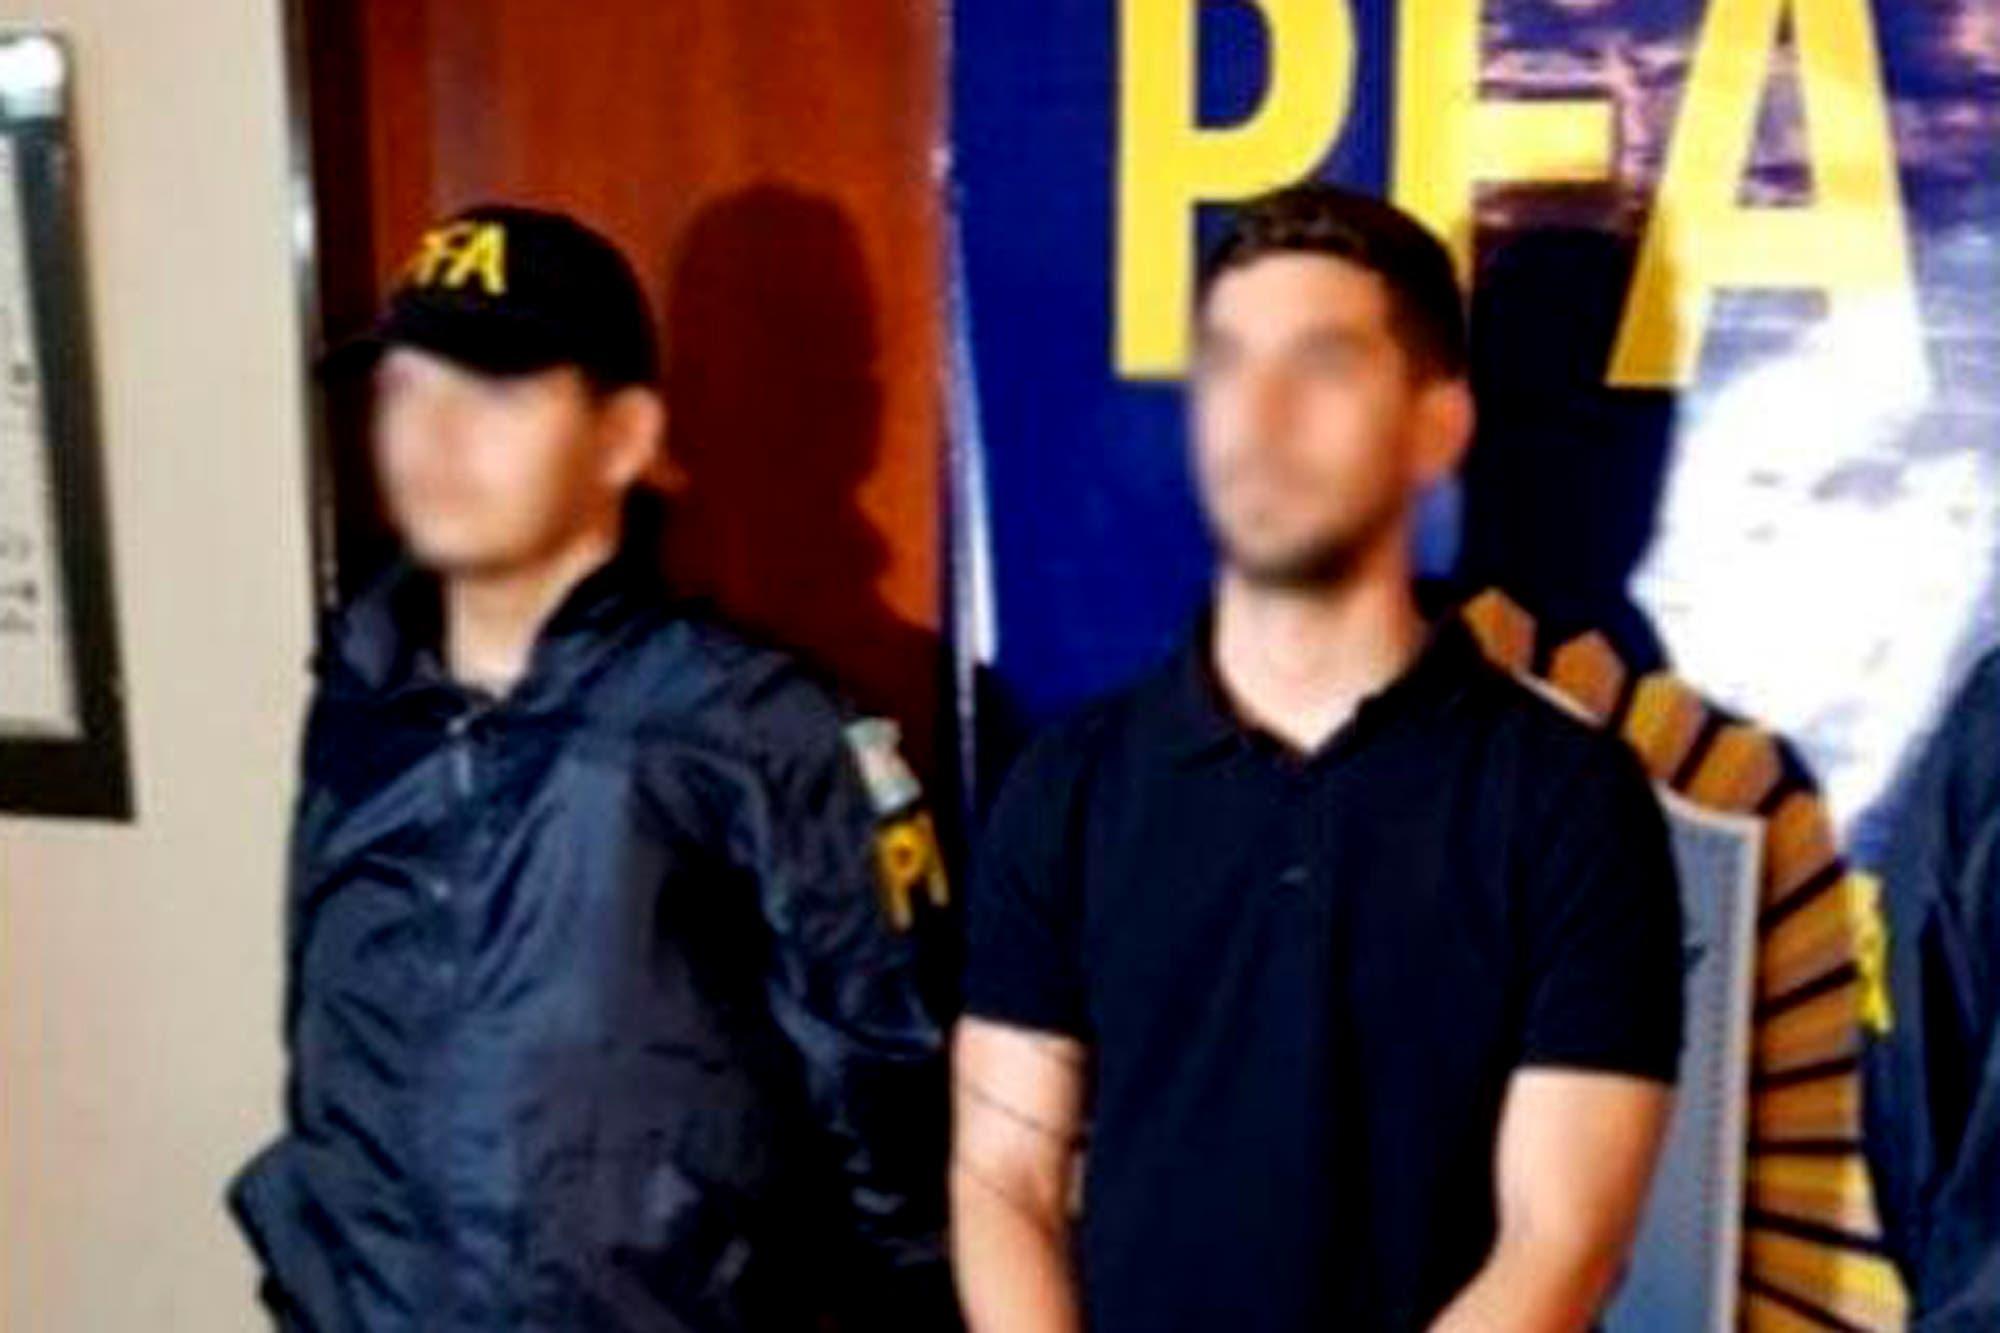 Detuvieron a dos hermanos argentinos por supuestos vínculos con Hezbollah